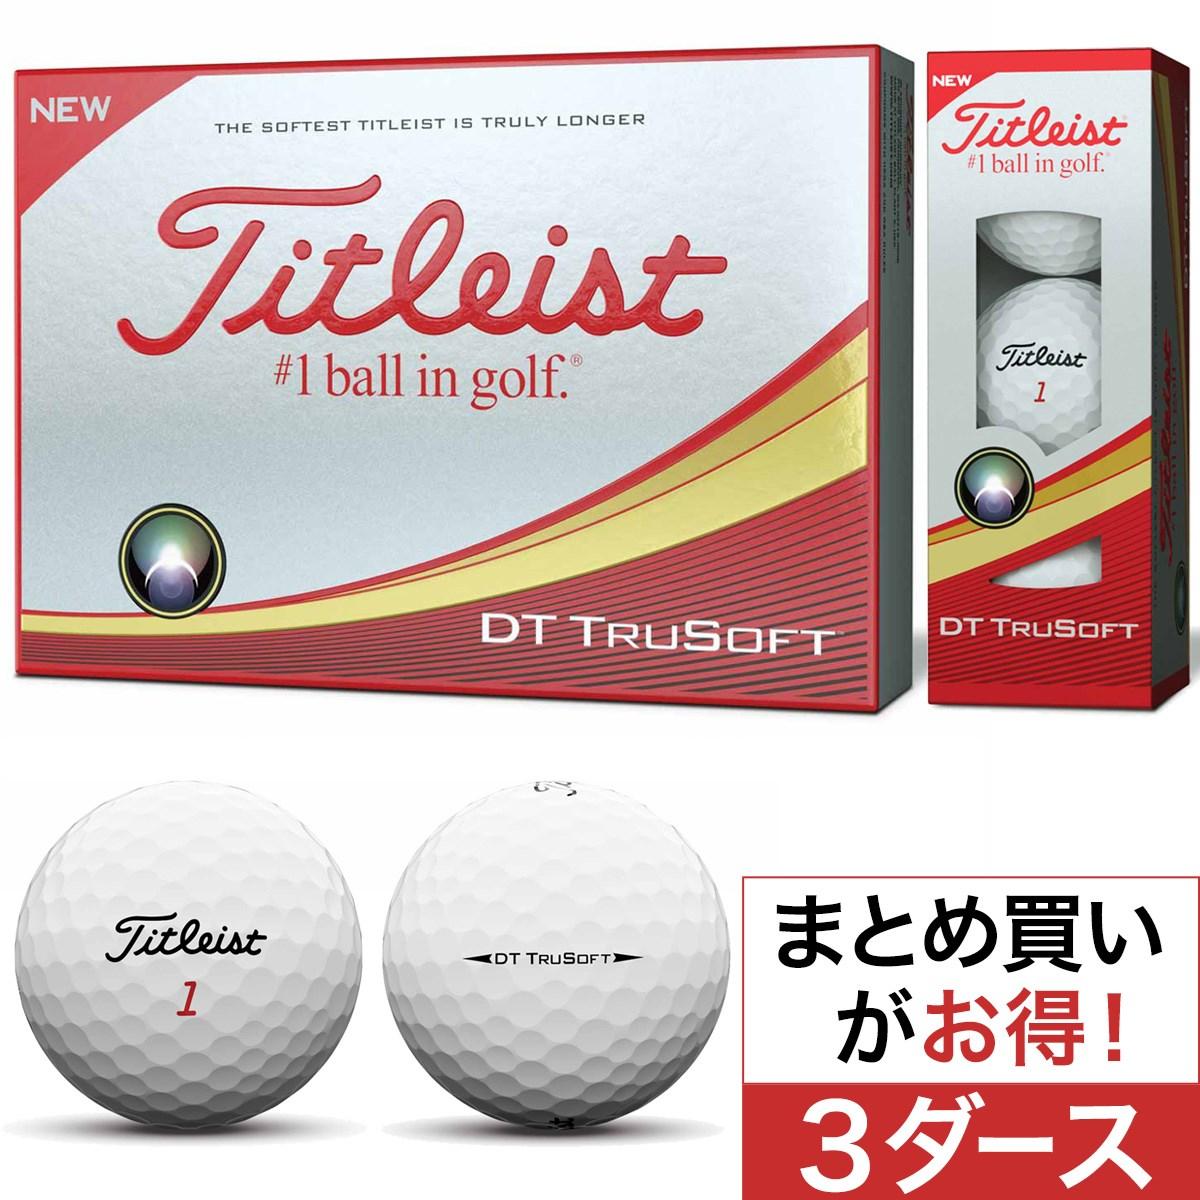 タイトリスト(Titleist) DT TRUSOFT ボール 2018年モデル 3ダース